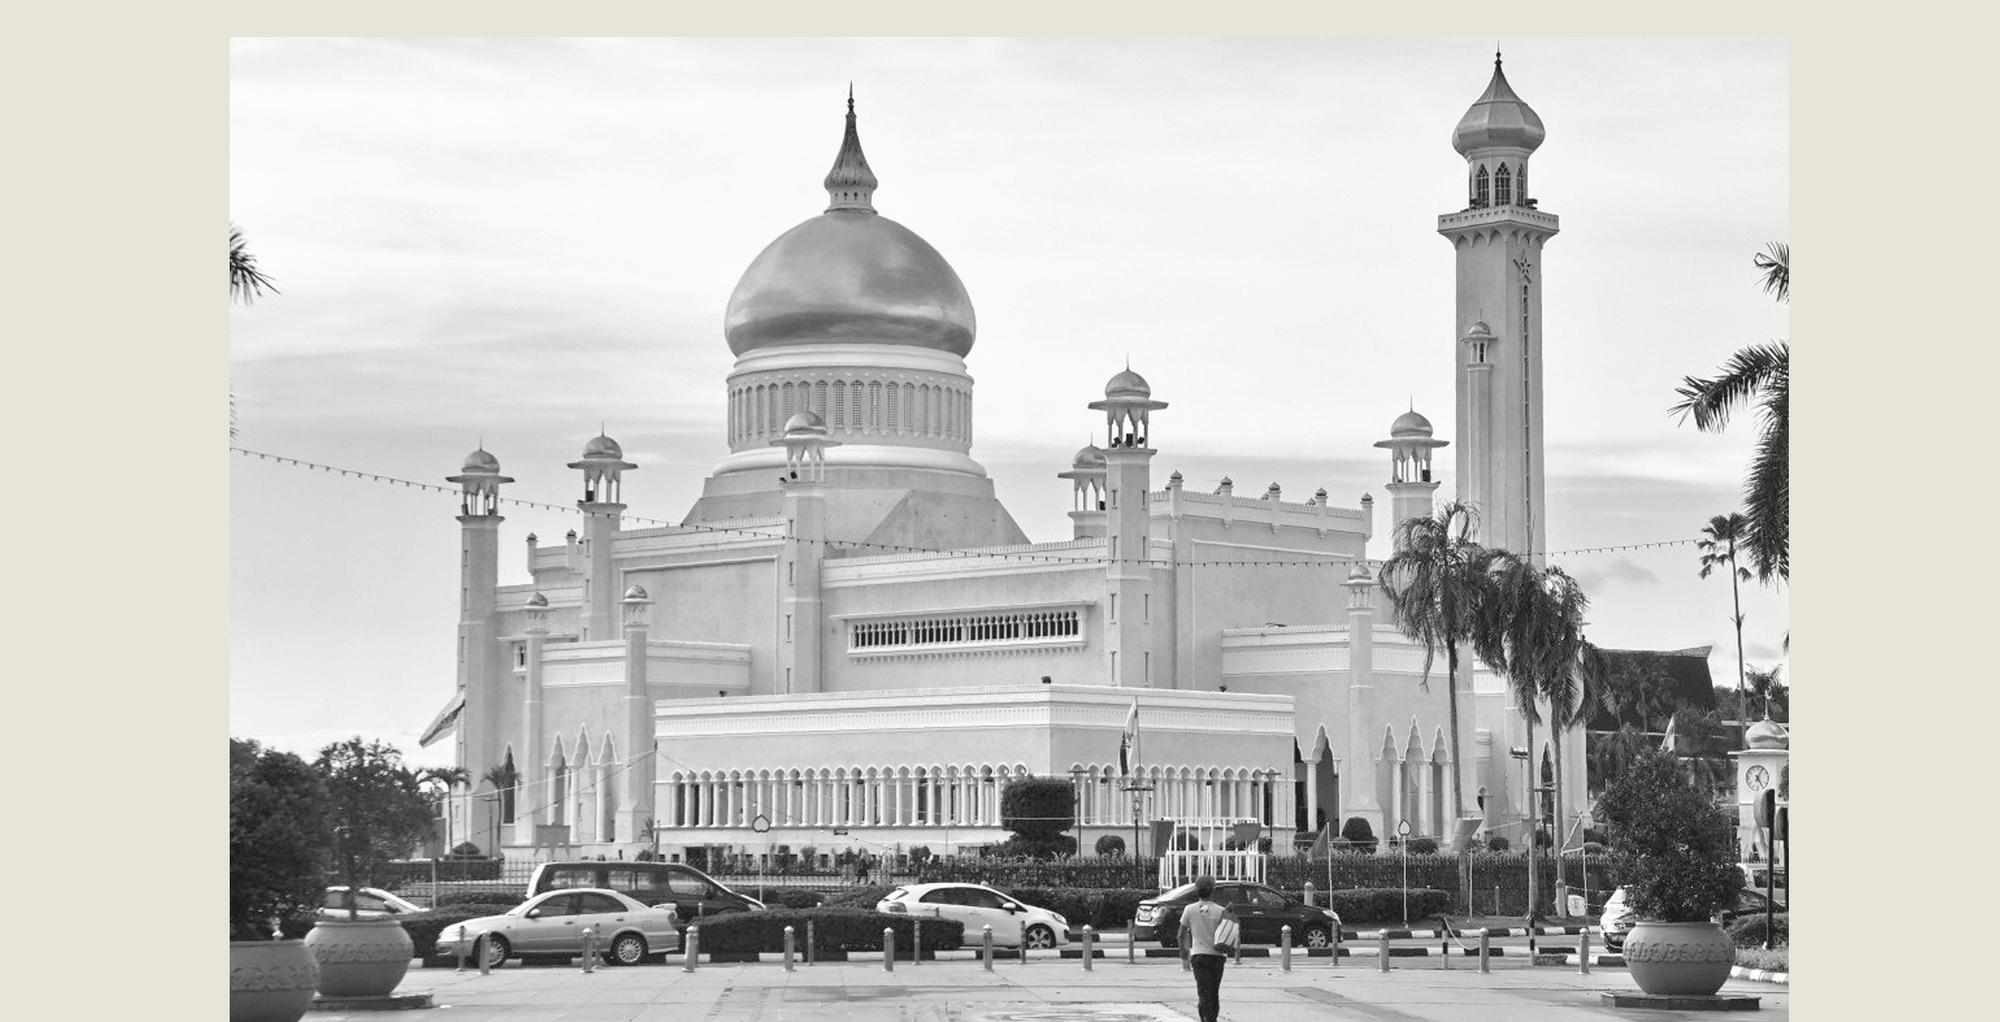 """Đạo luật """"ném đá đến chết người LGBT"""" của Brunei: Khi niềm tin trở thành tội ác - Ảnh 3."""